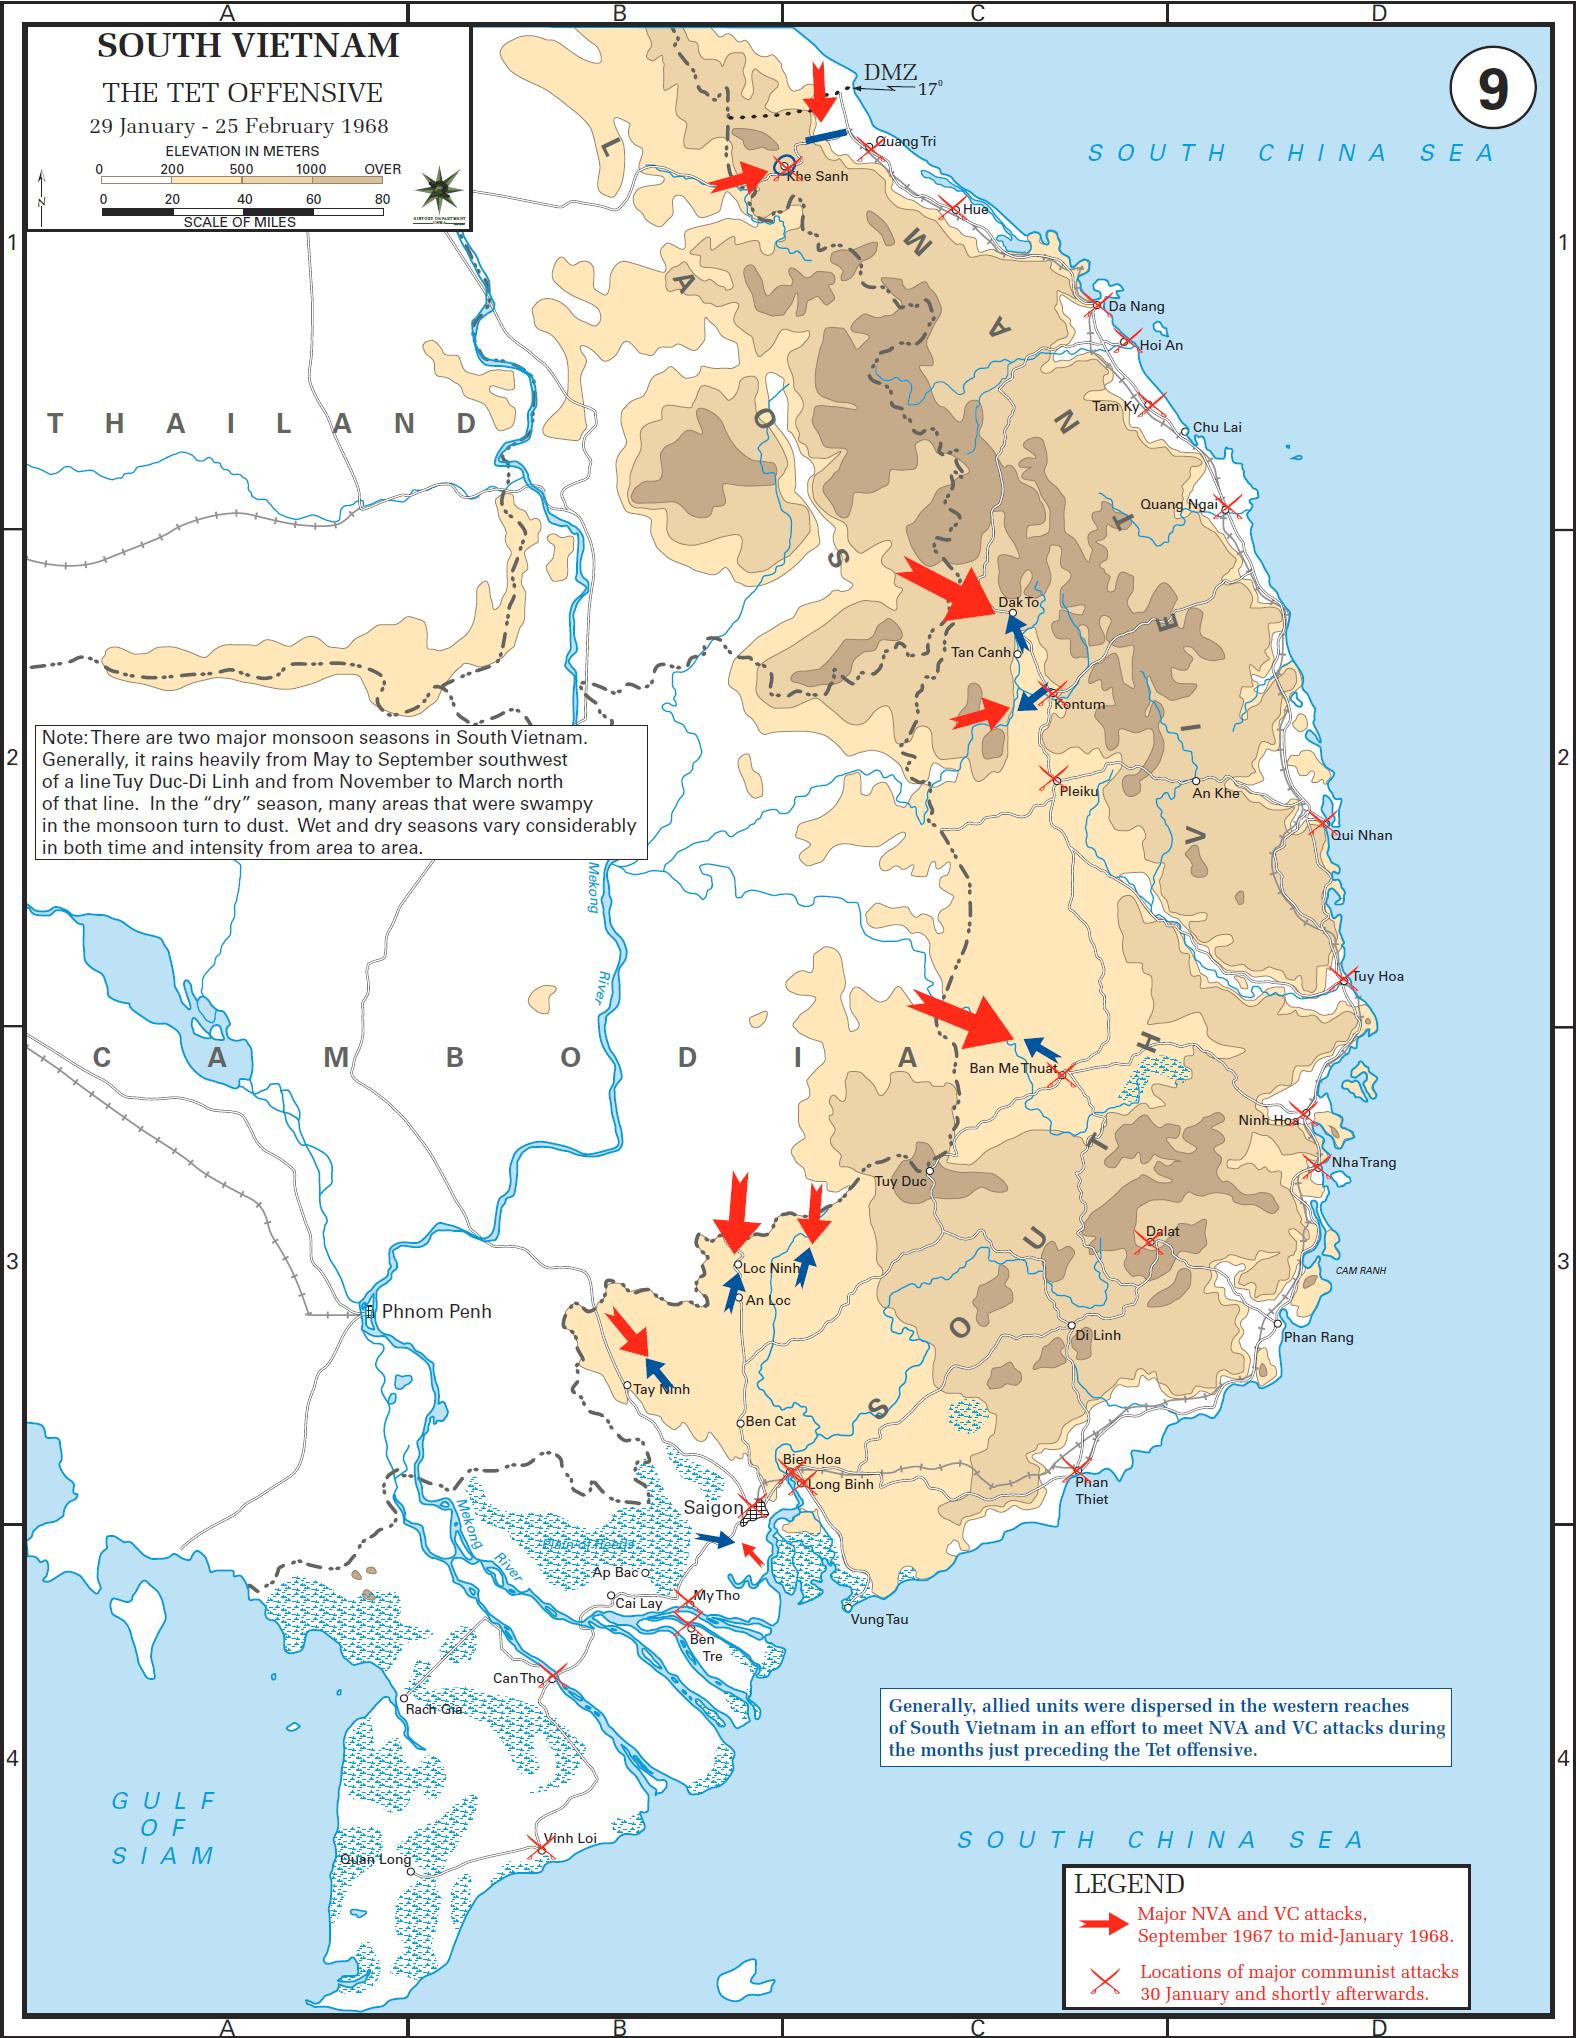 война во вьетнаме вьетконг итоги сша ссср дананг хюэ 40 лет сайгон